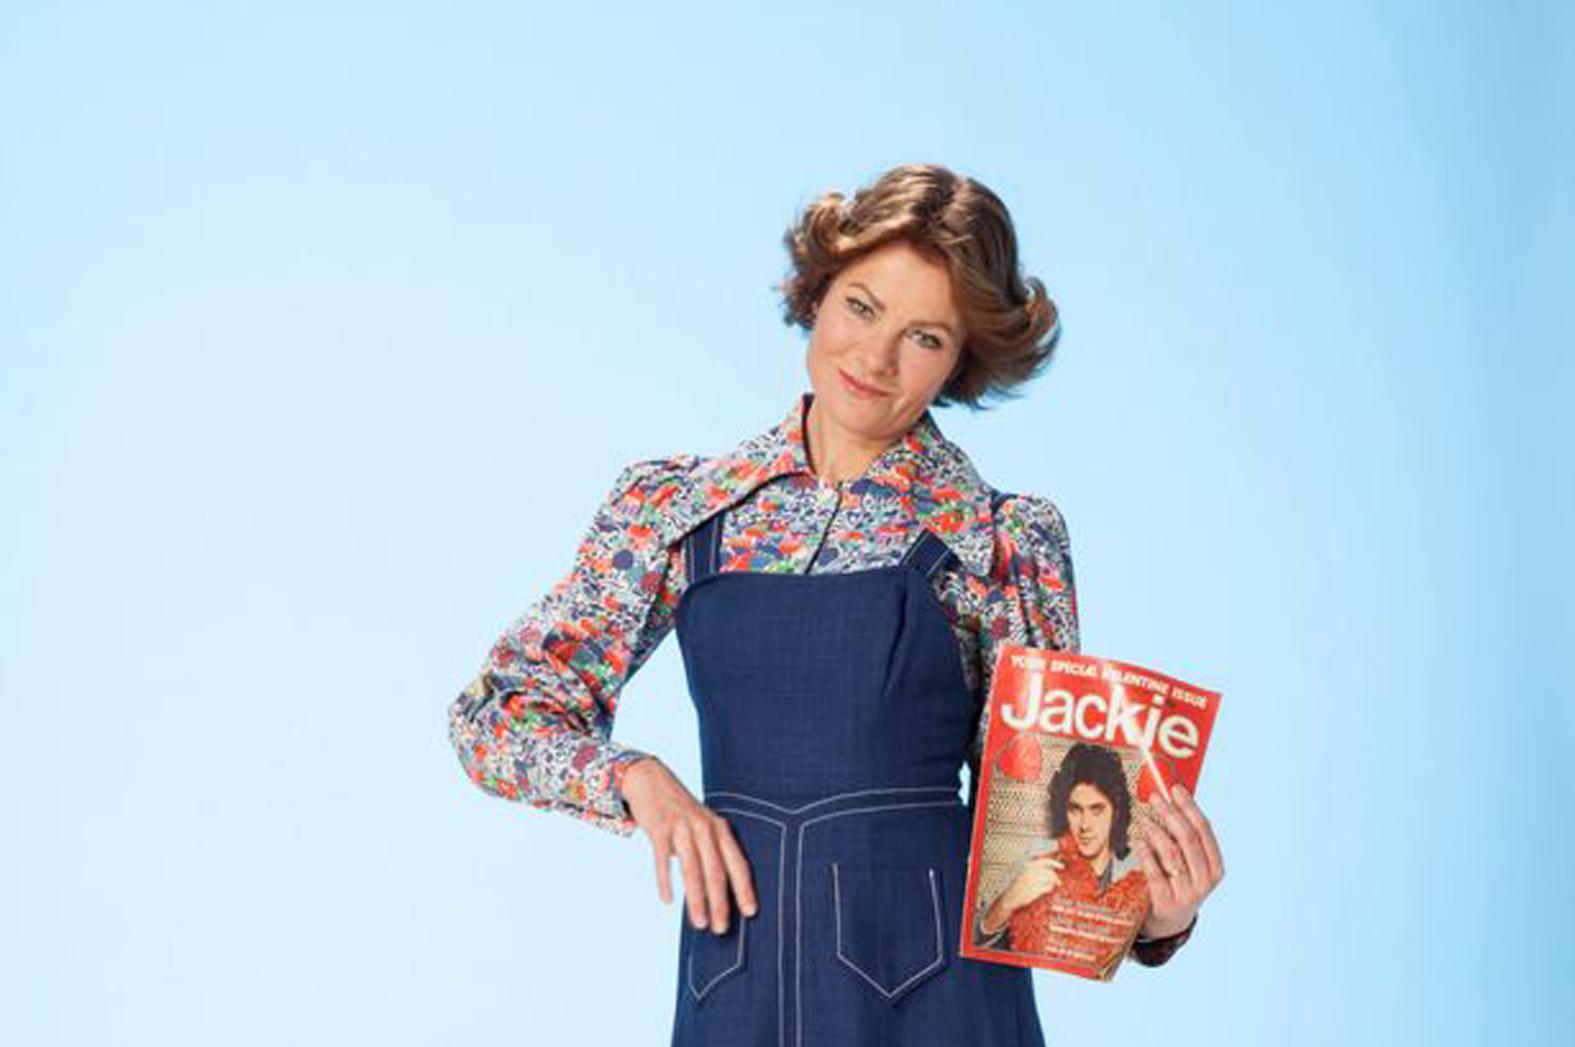 Janet Dibley as Jackie